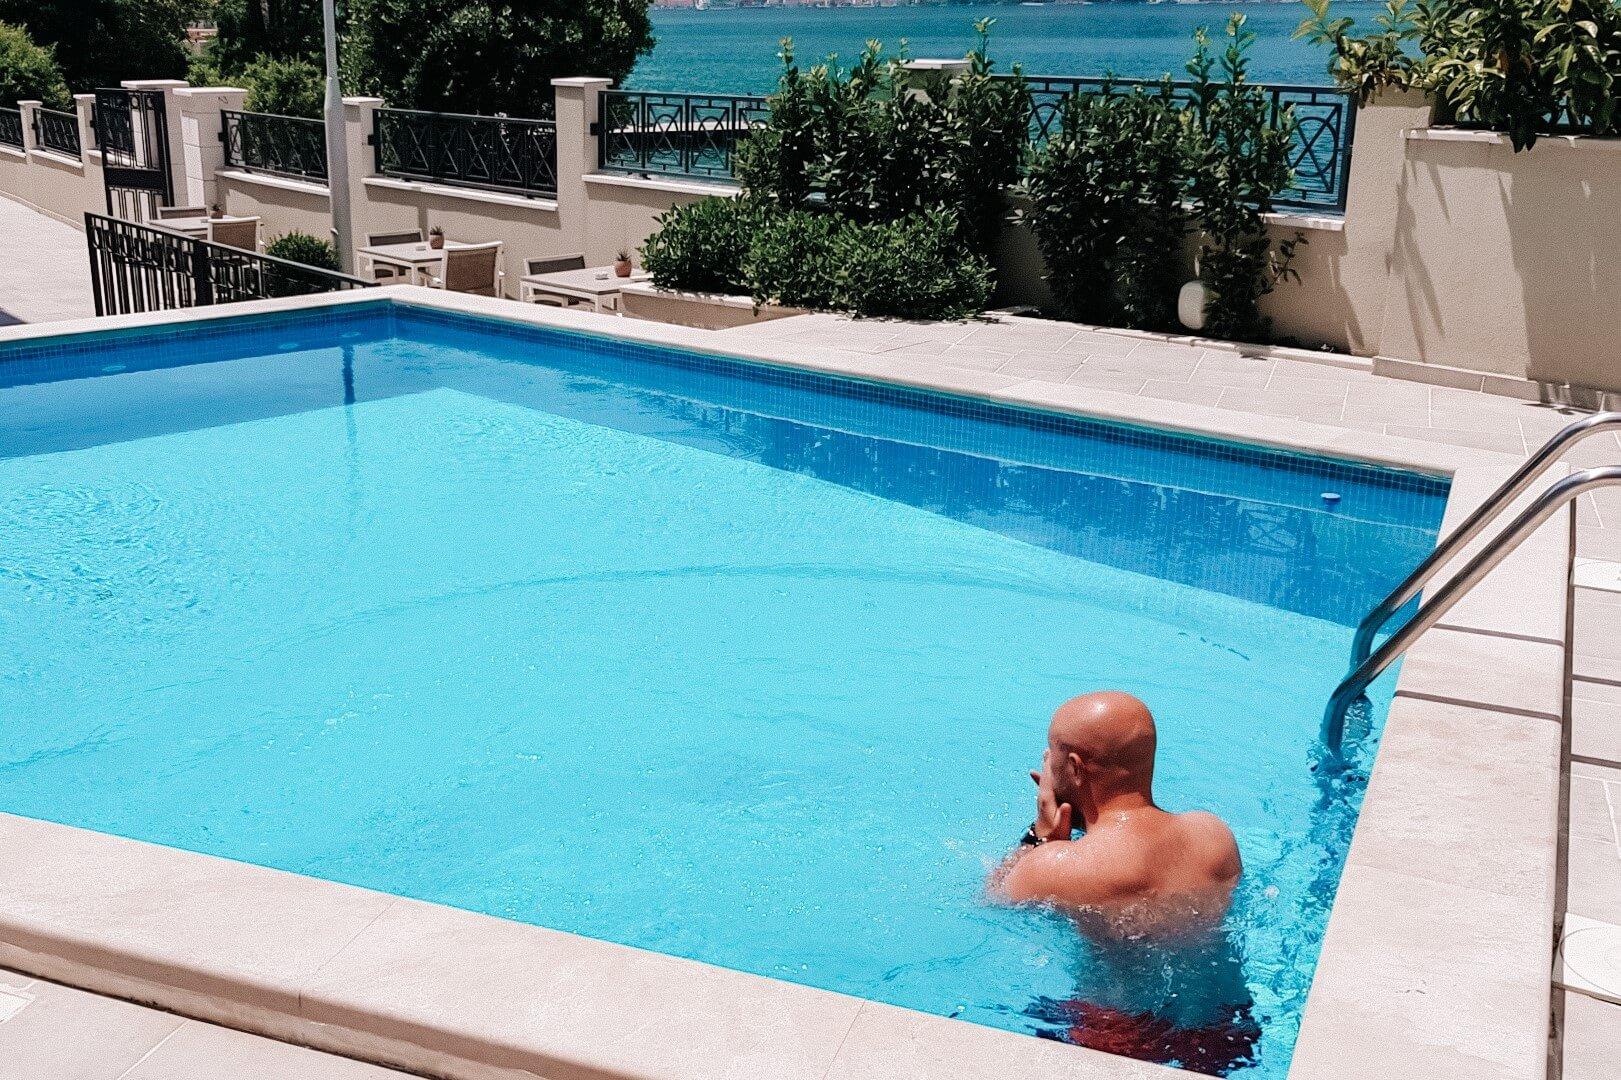 Mężczyzna w pustym basenie.